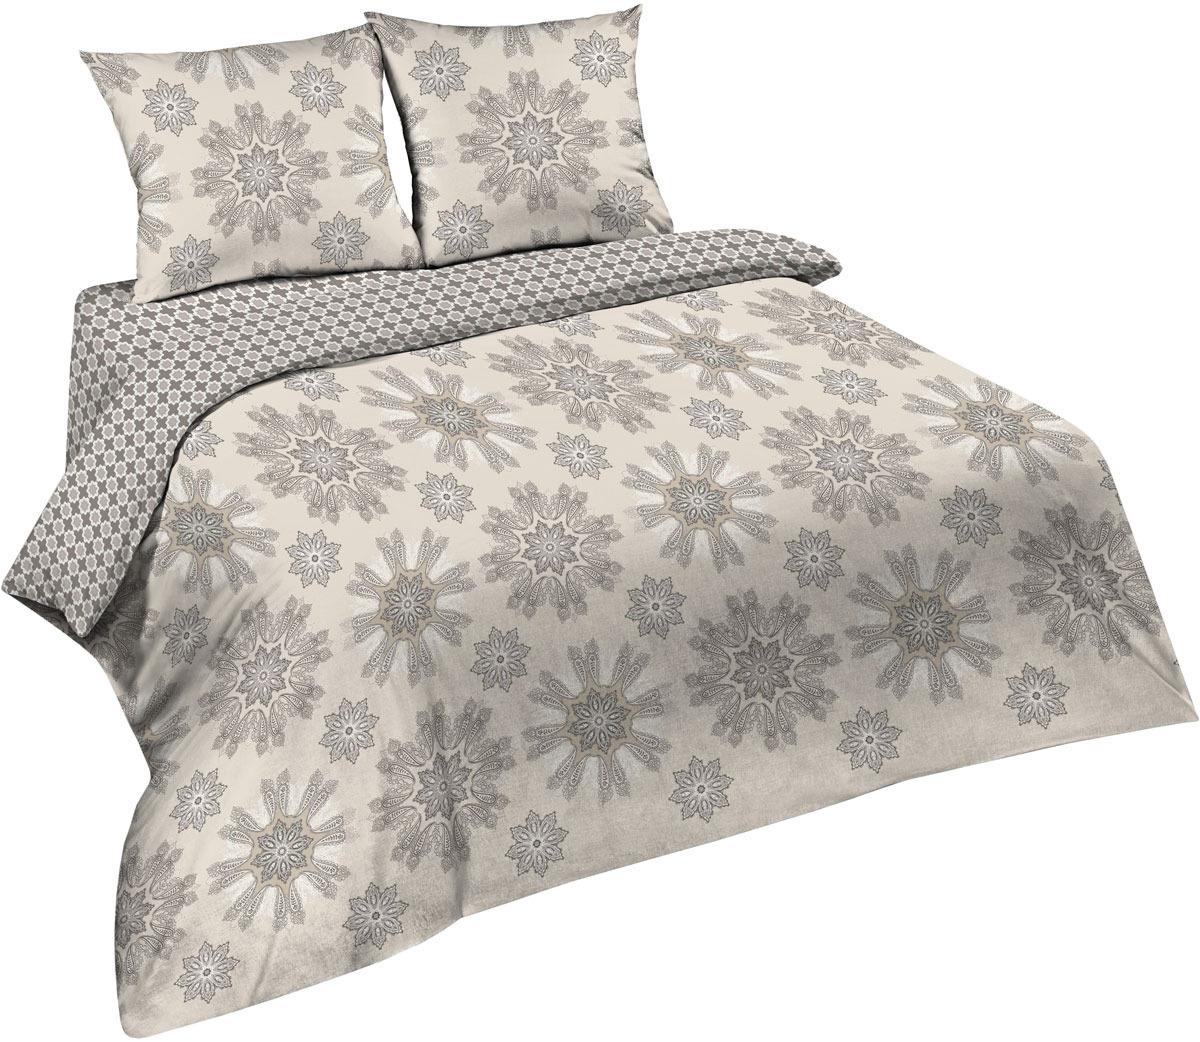 Комплект постельного белья Павлина Простые вещи, 2-х спальный, наволочки 70x70, цвет: серый александр вин простые очень простые вещи